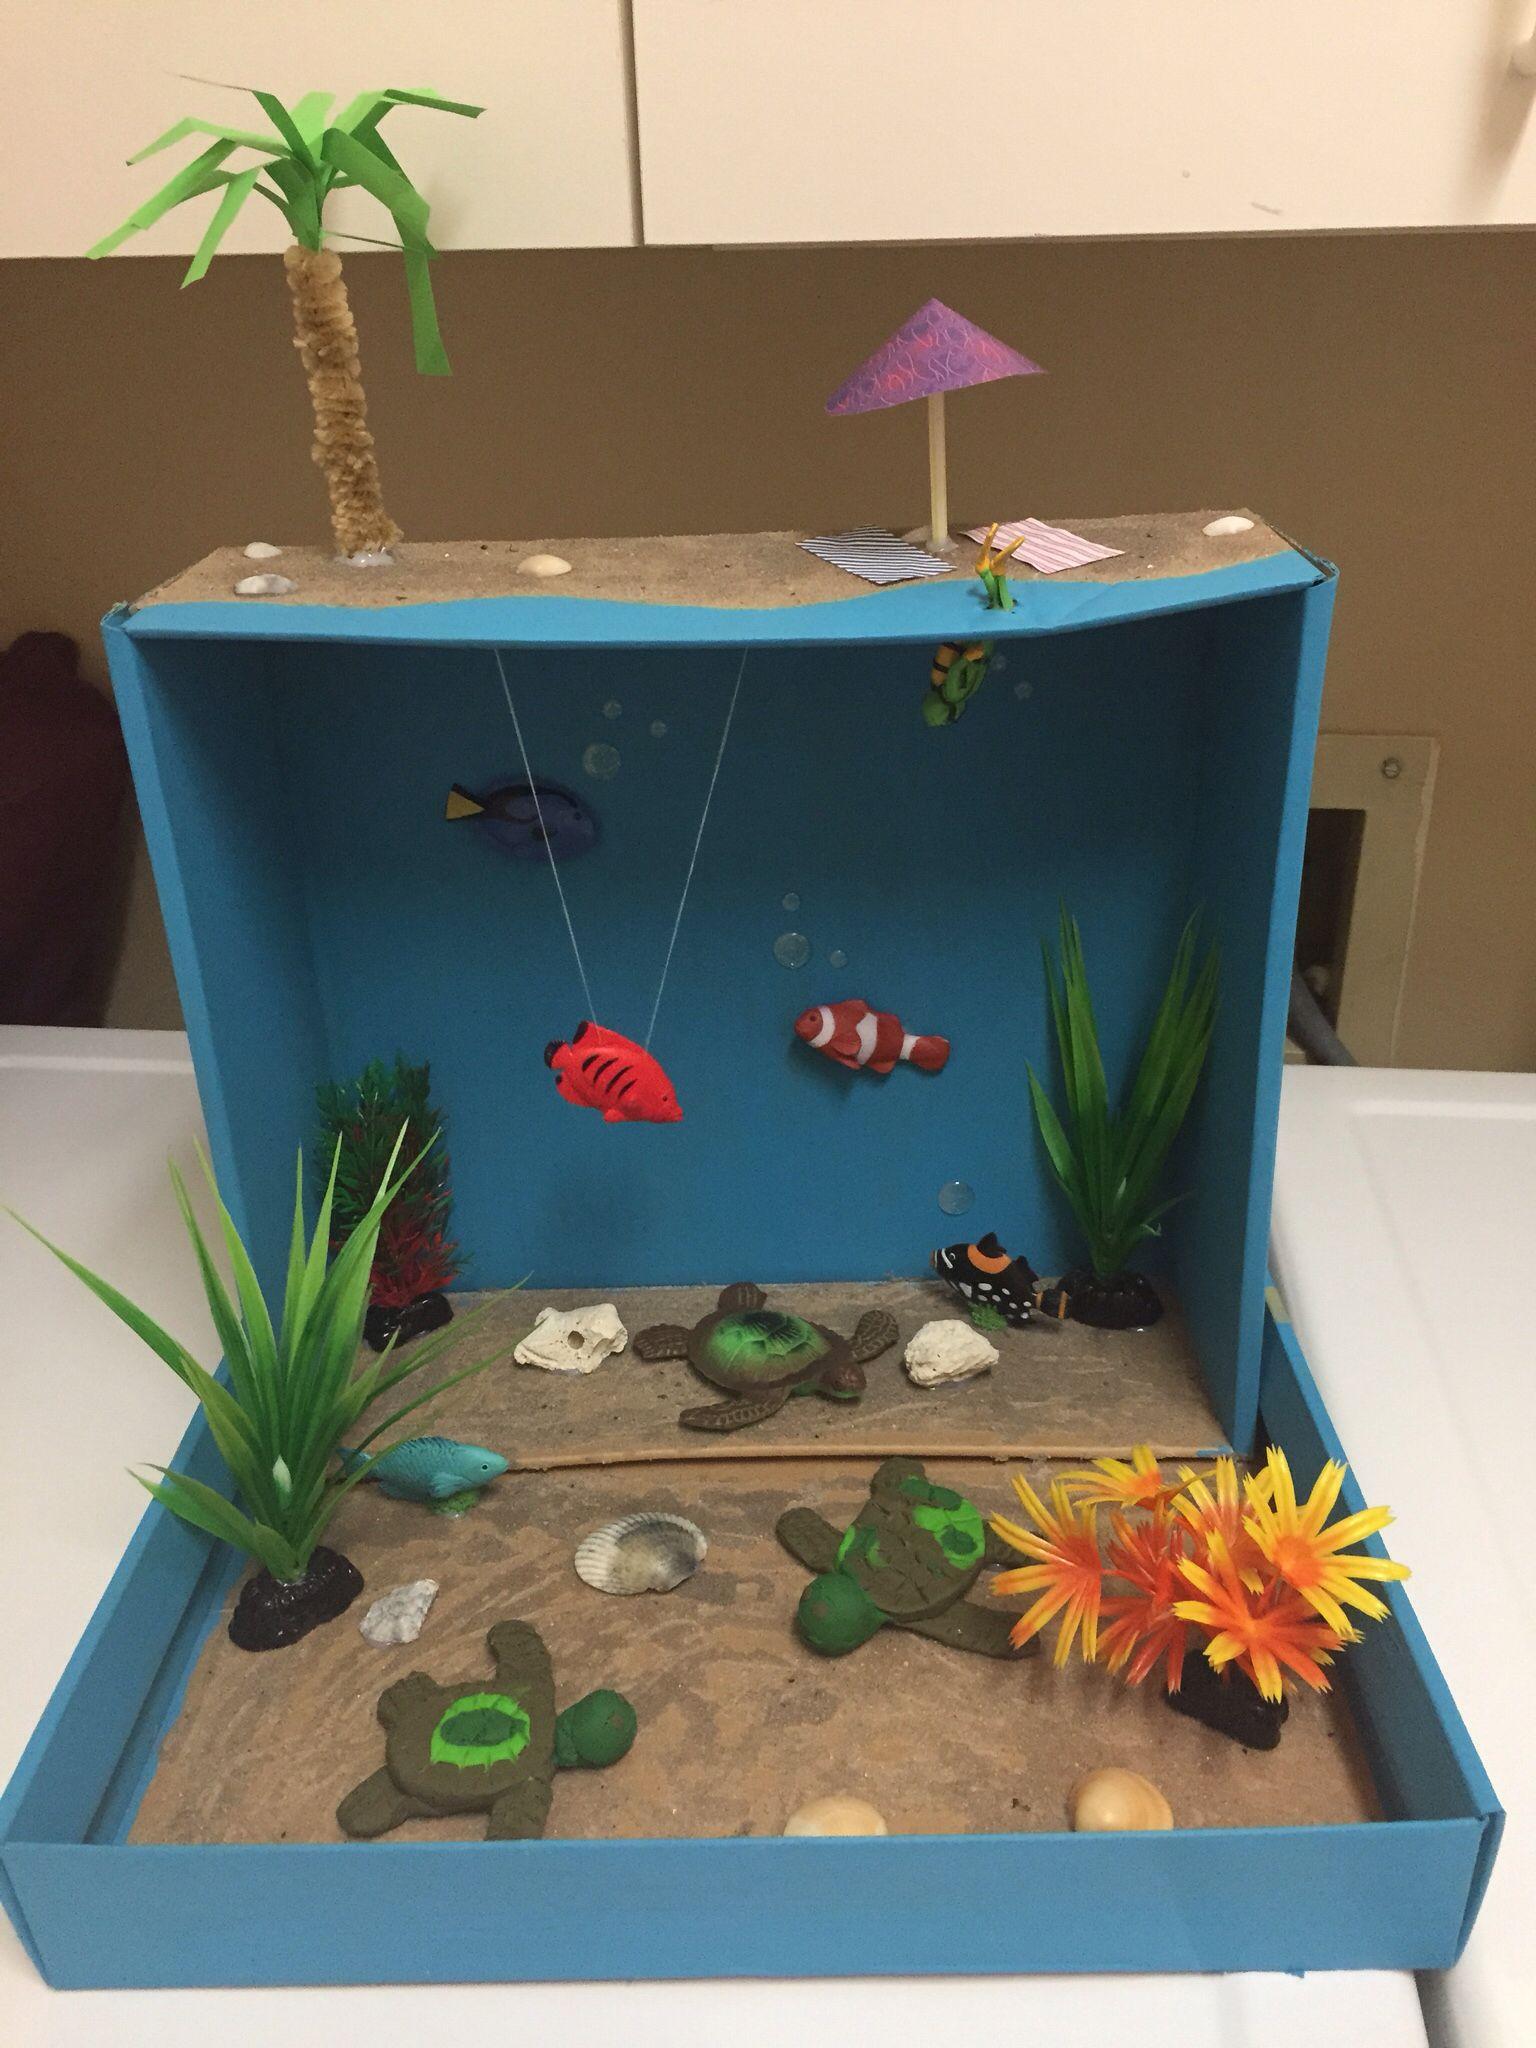 Coral Reef Diorama Craft